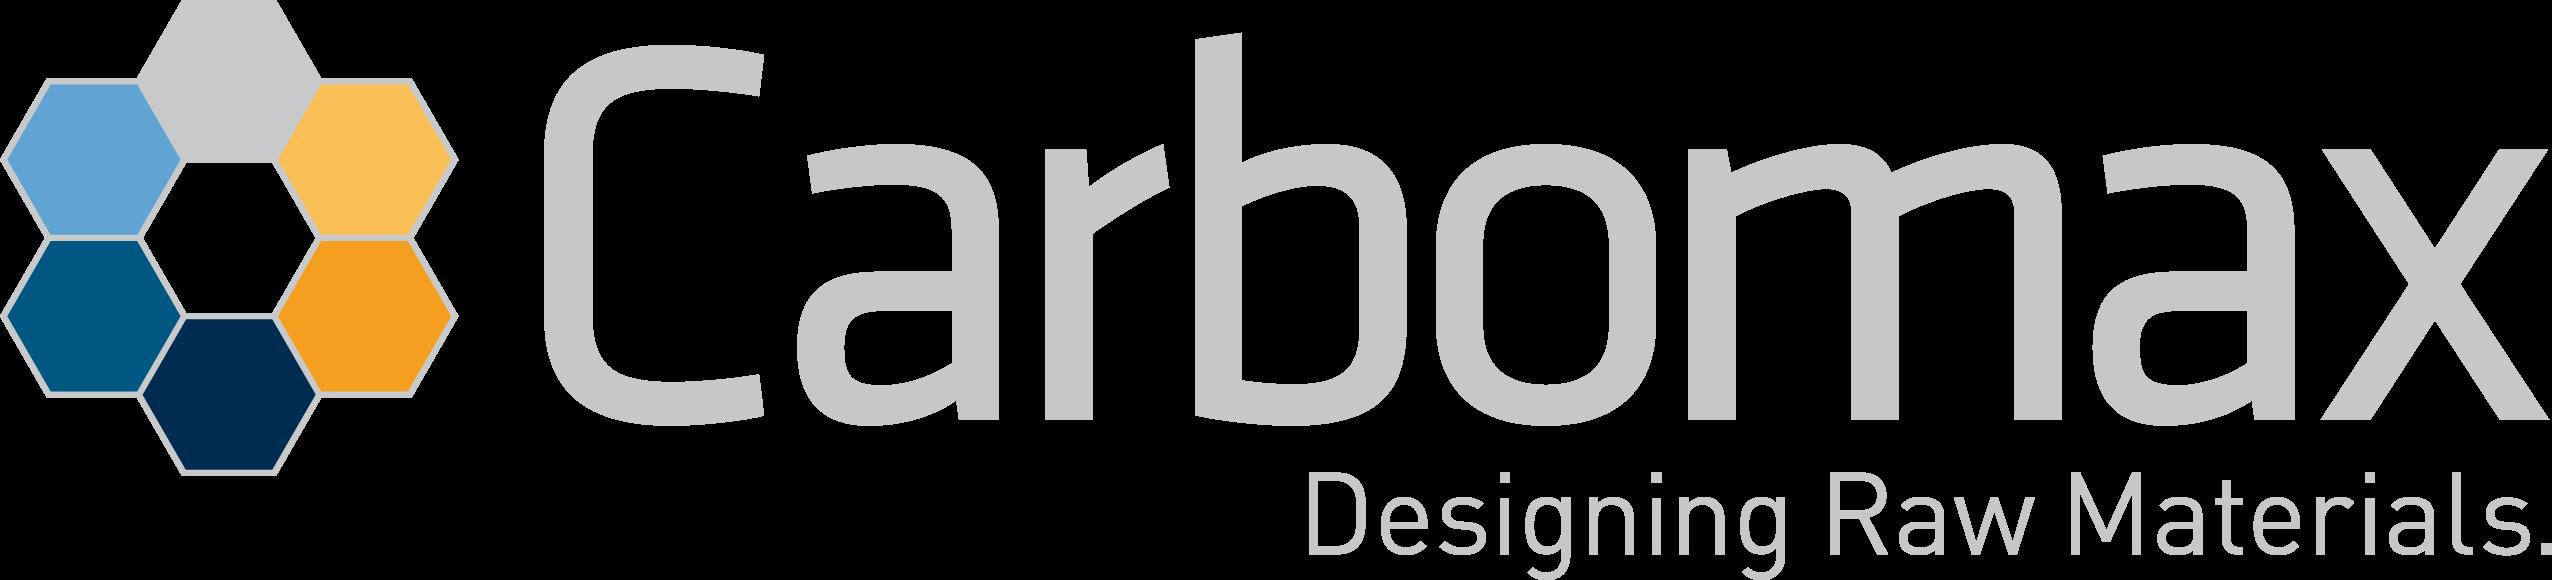 Carbomax logga